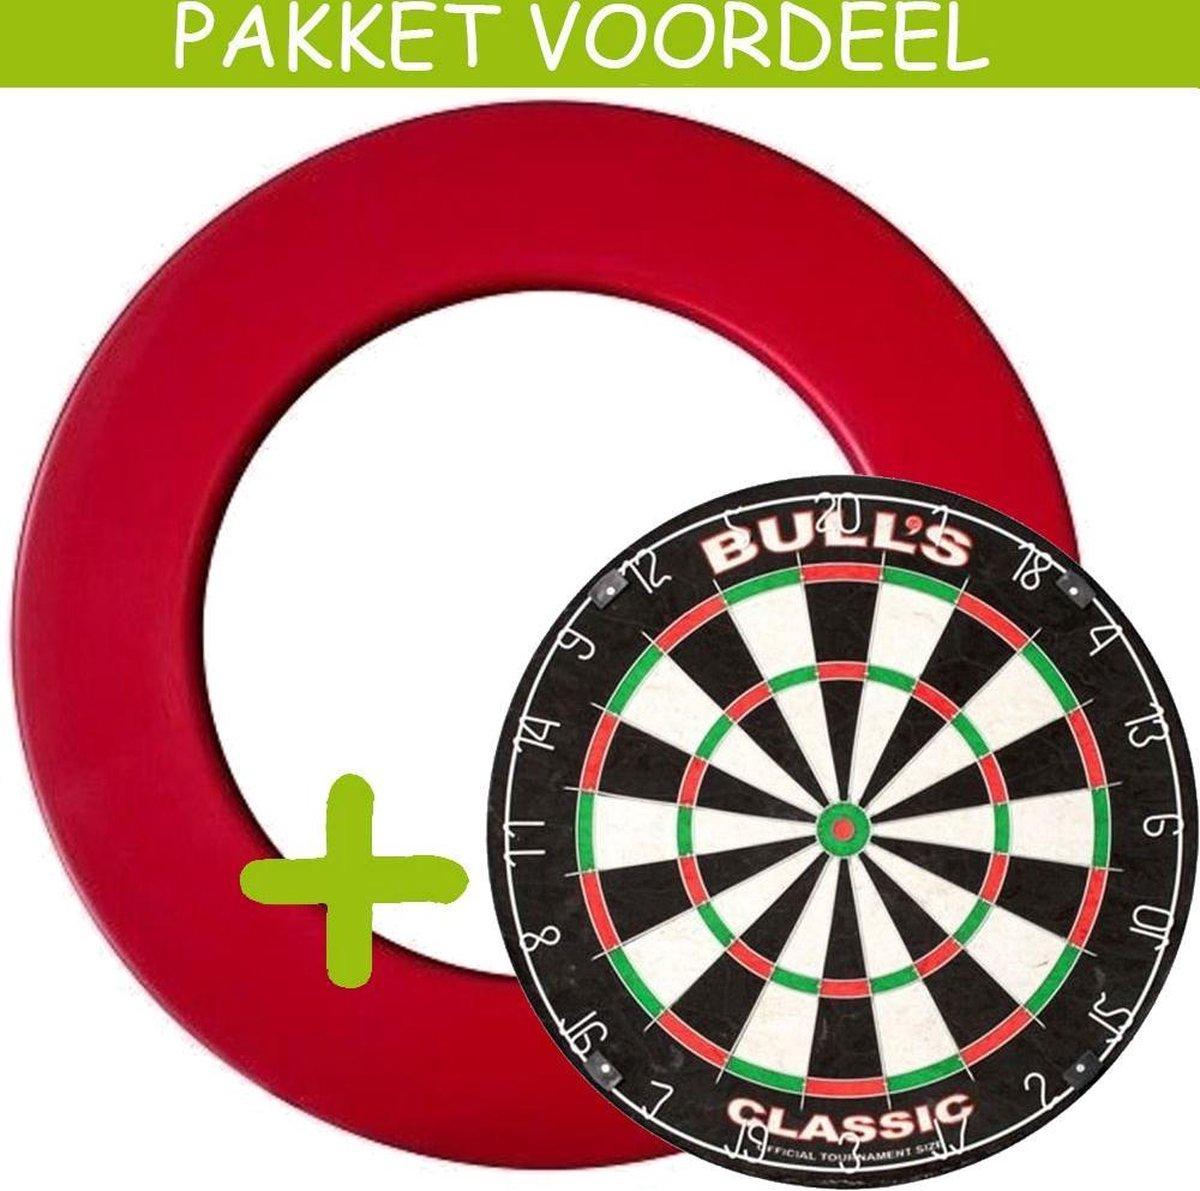 Dartbord Surround VoordeelPakket - Bulls Classic - Rubberen Surround-- (Rood)